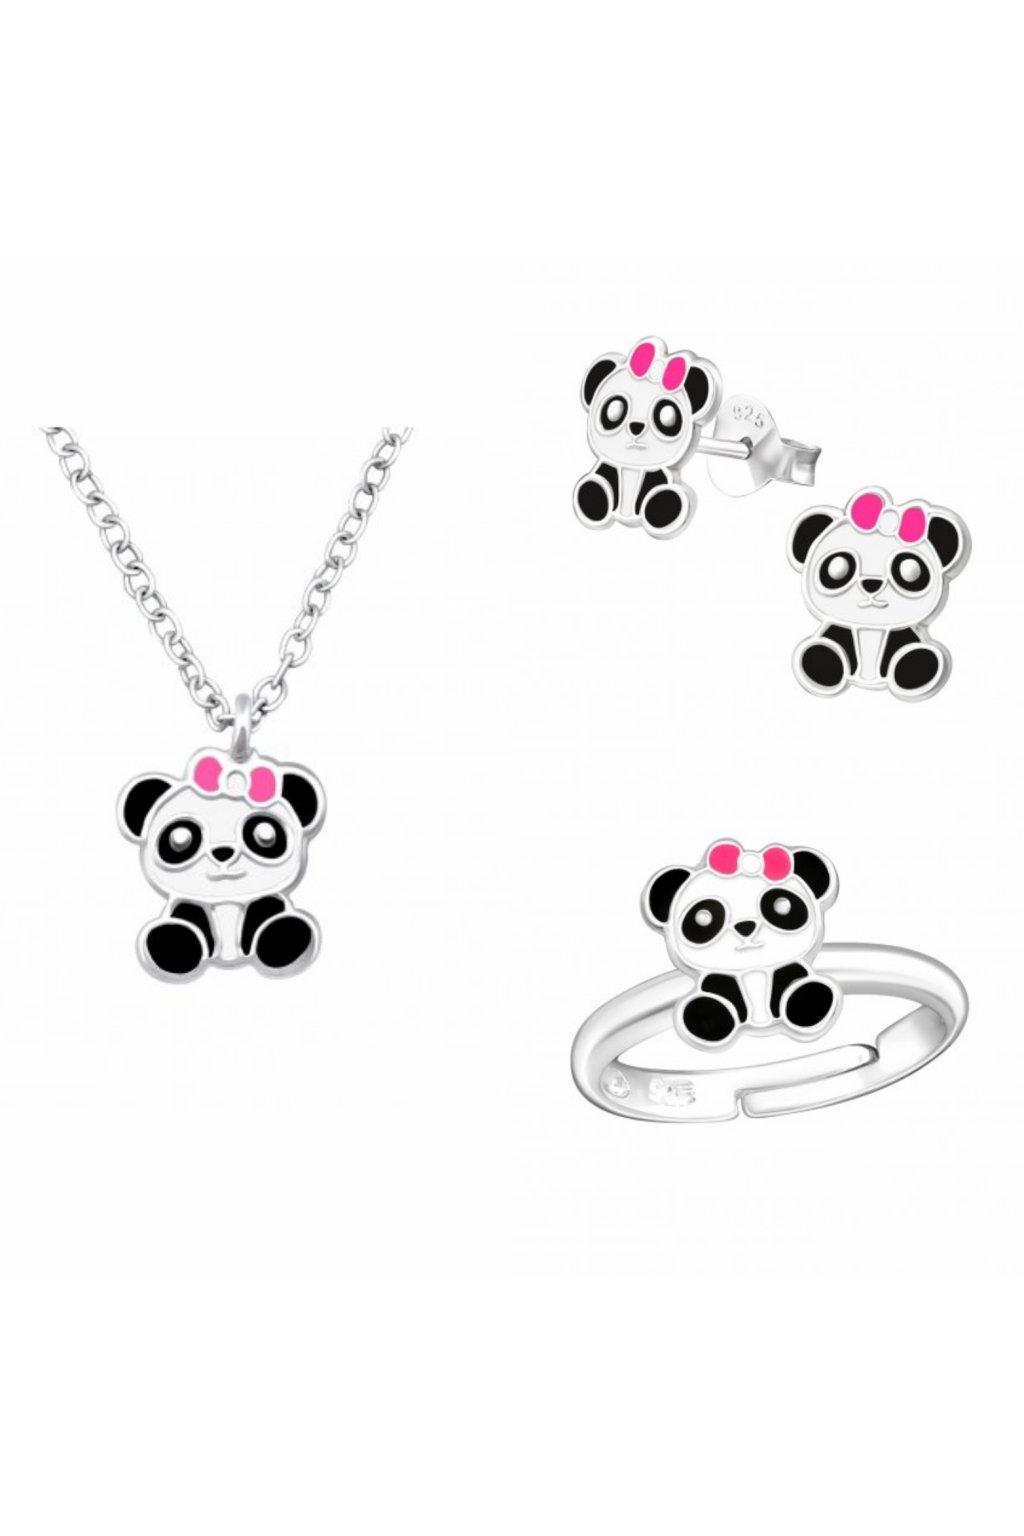 Stříbrný dětský set panda - náhrdelník, náušnice - puzet, prstýnek